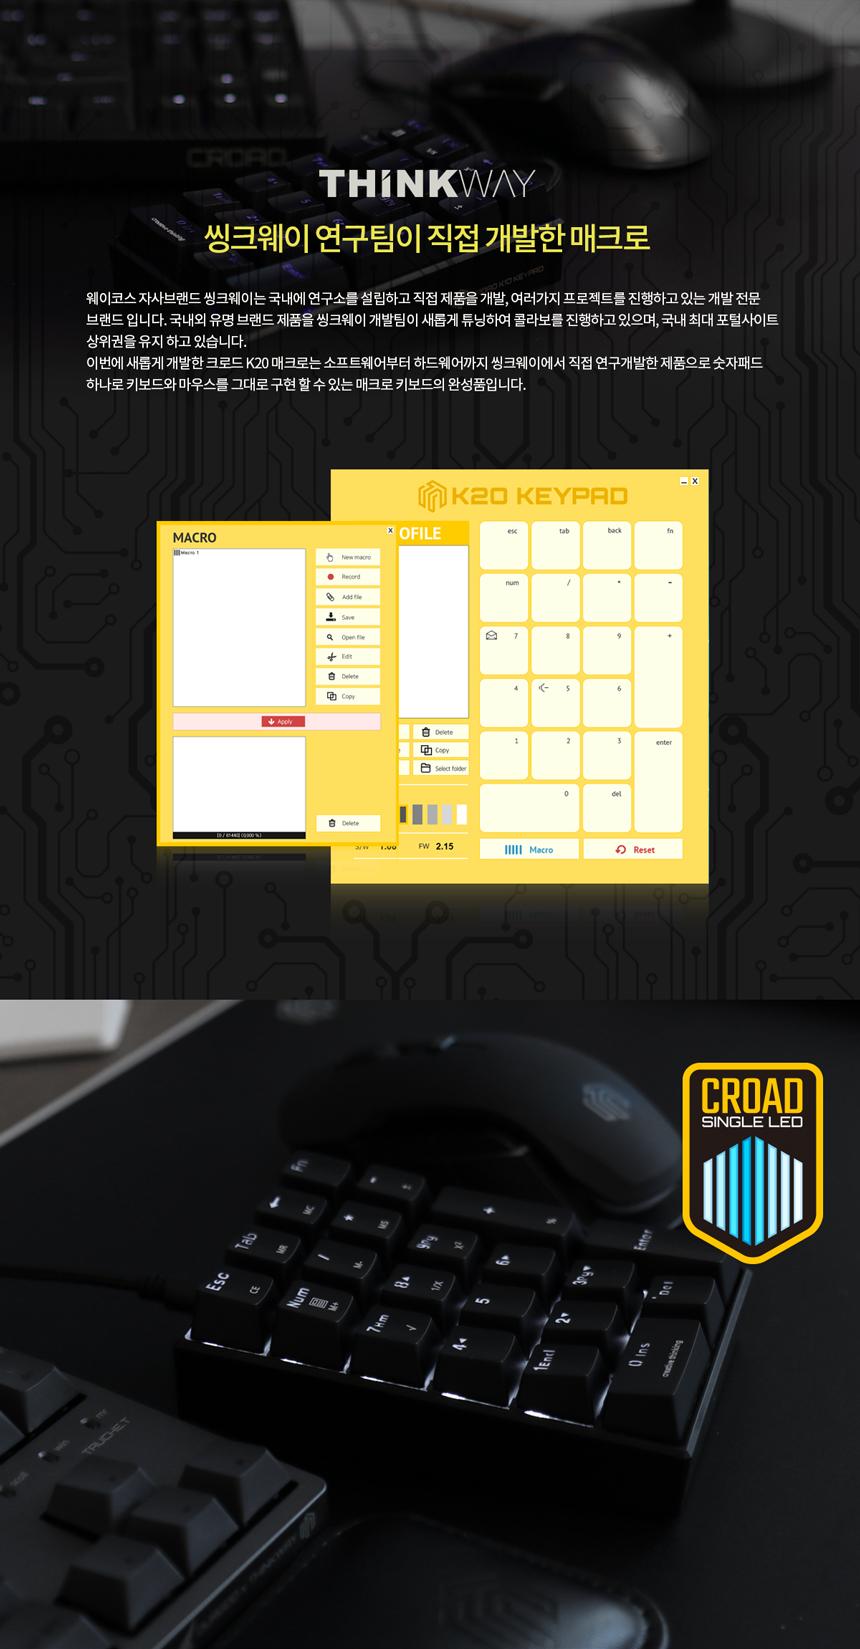 웨이코스 씽크웨이 CROAD K20 매크로 숫자 키패드(적축)